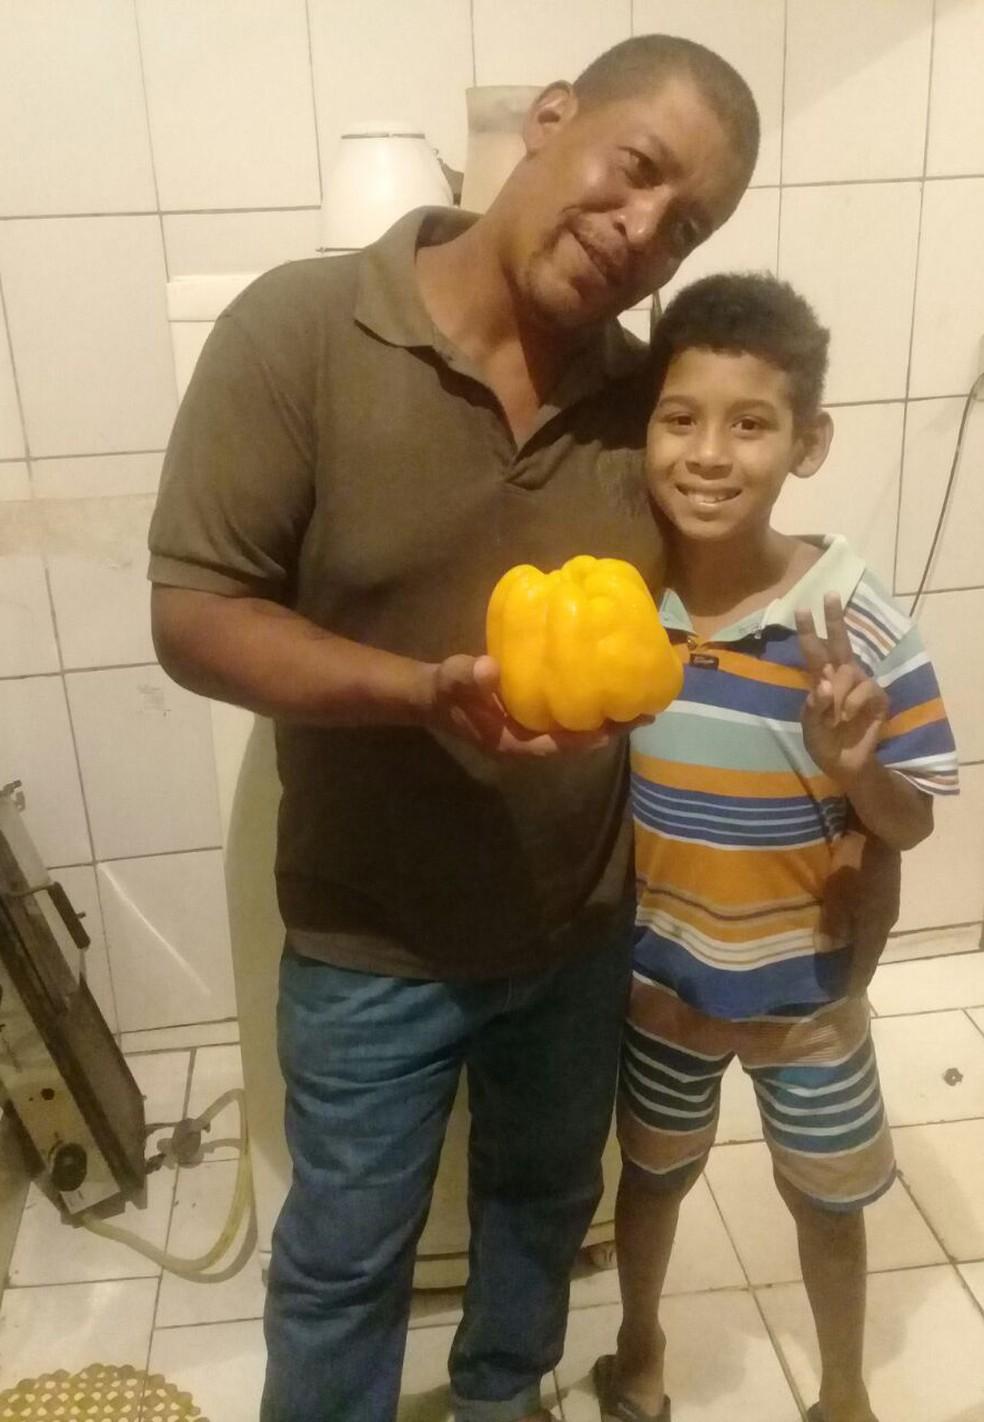 Leandro Leite e o enteado, acolhido por ele desde que nasceu. (Foto: Leandro Leite/Arquivo pessoal)